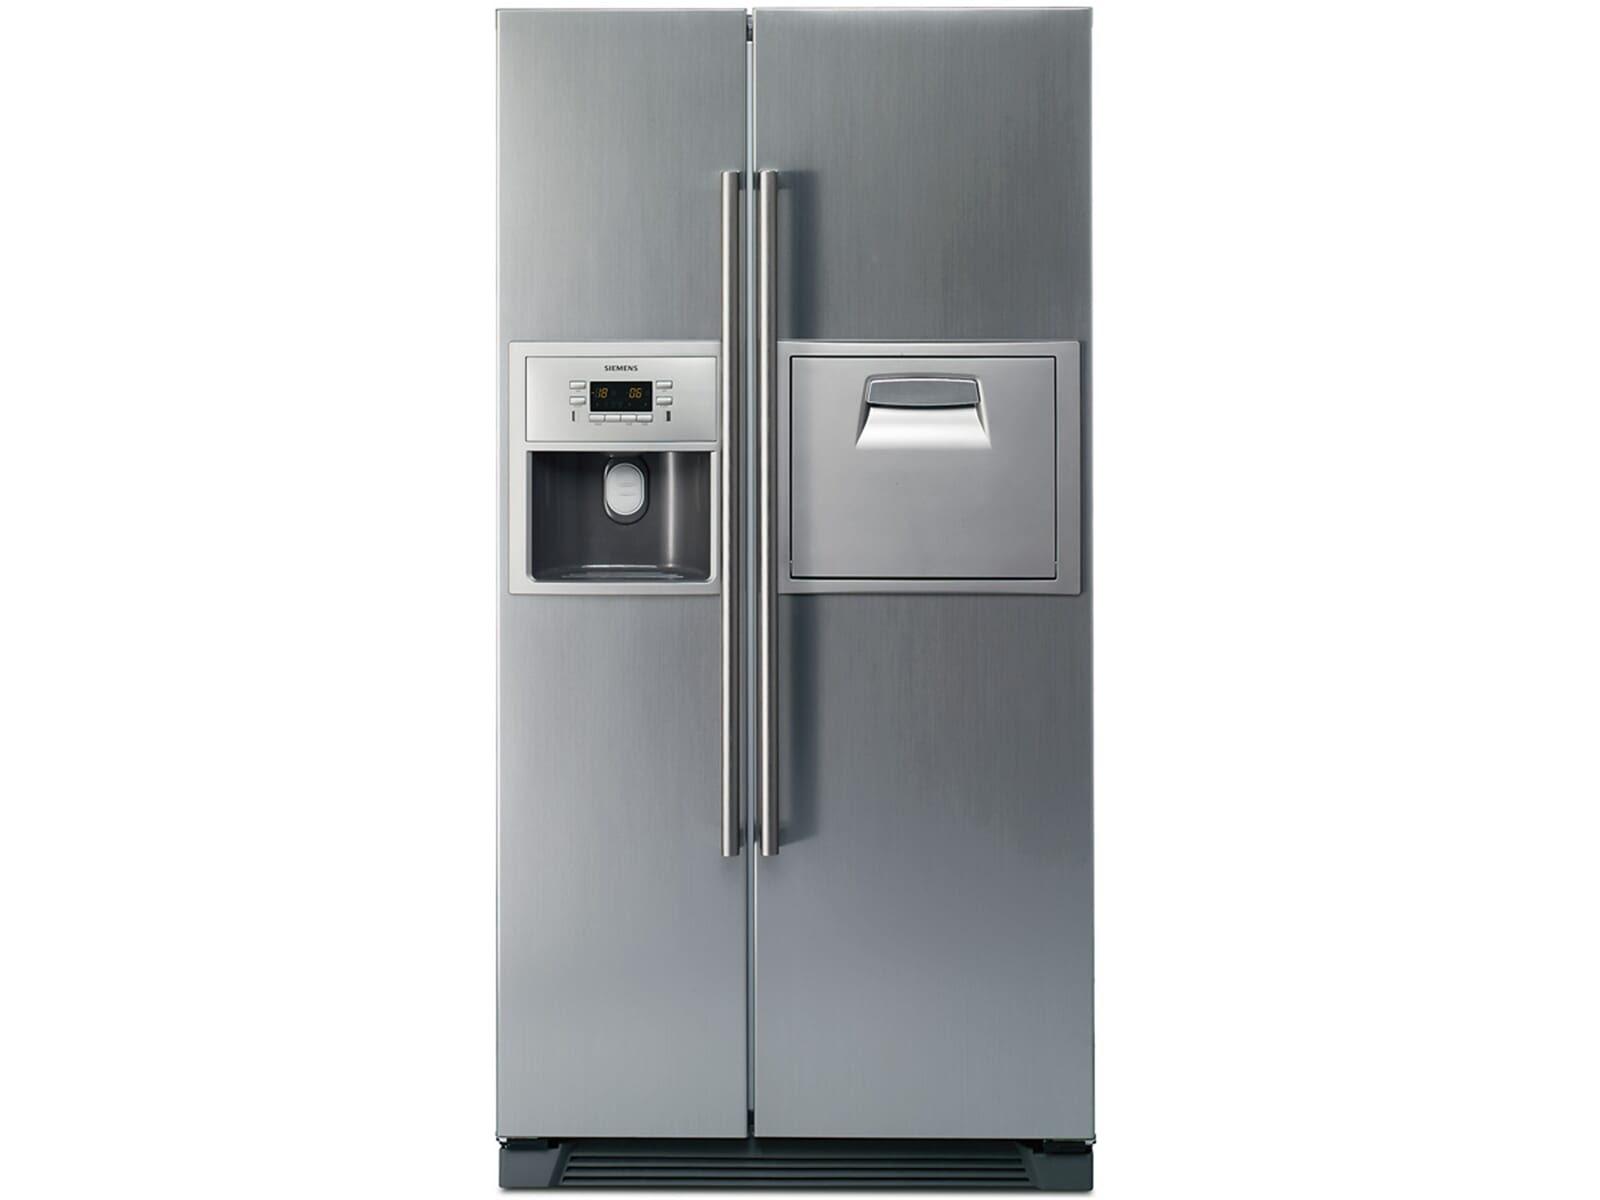 Amerikanischer Kühlschrank Edelstahl : Siemens kühlschrank edelstahl side by side louie l stowers